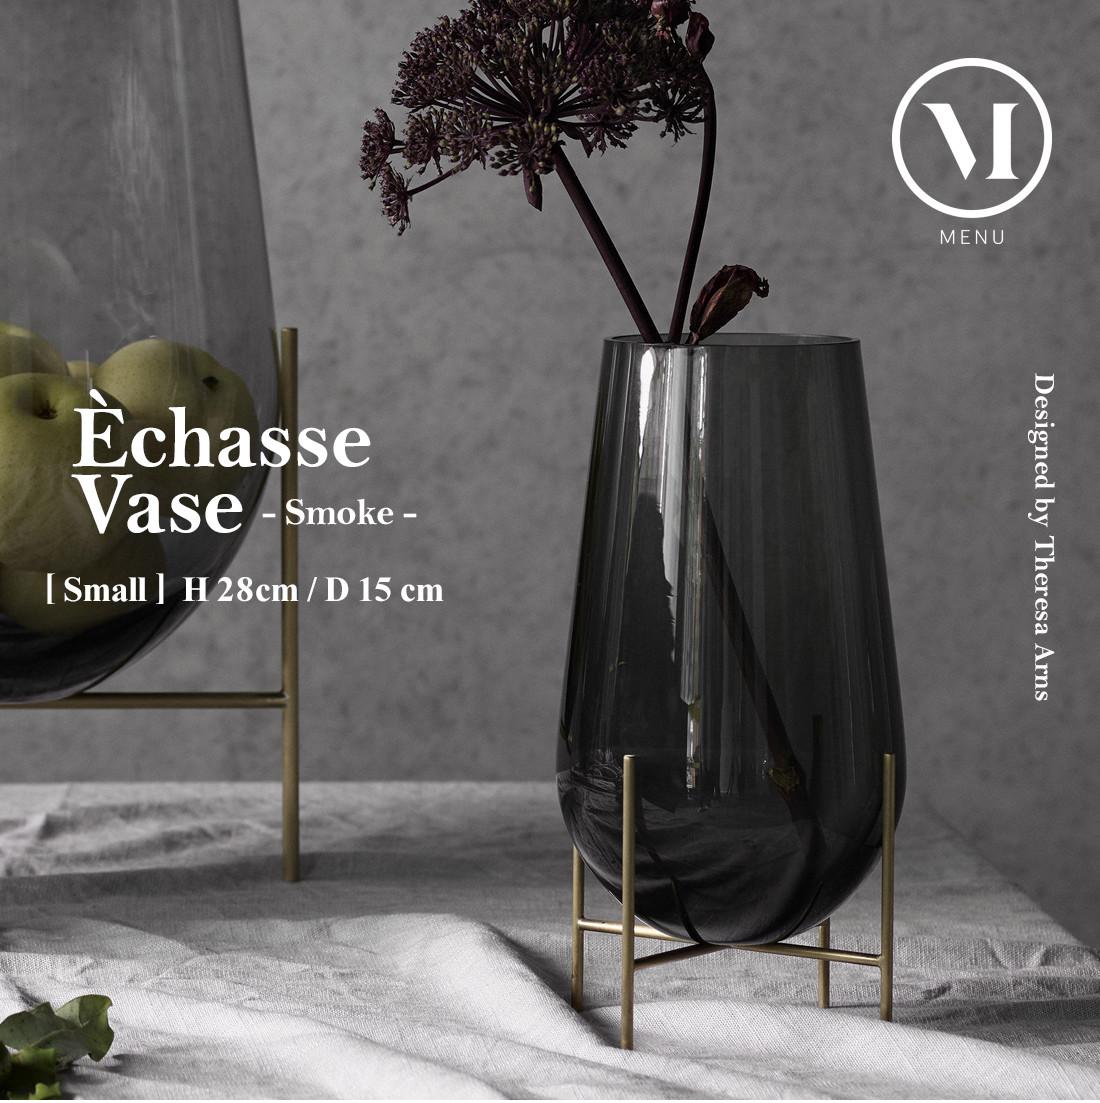 【menu メニュー】Echasse Vase S, smoke イシャスベース Sサイズ スモーク花びん 花瓶 フラワーベース【コンビニ受取対応商品】